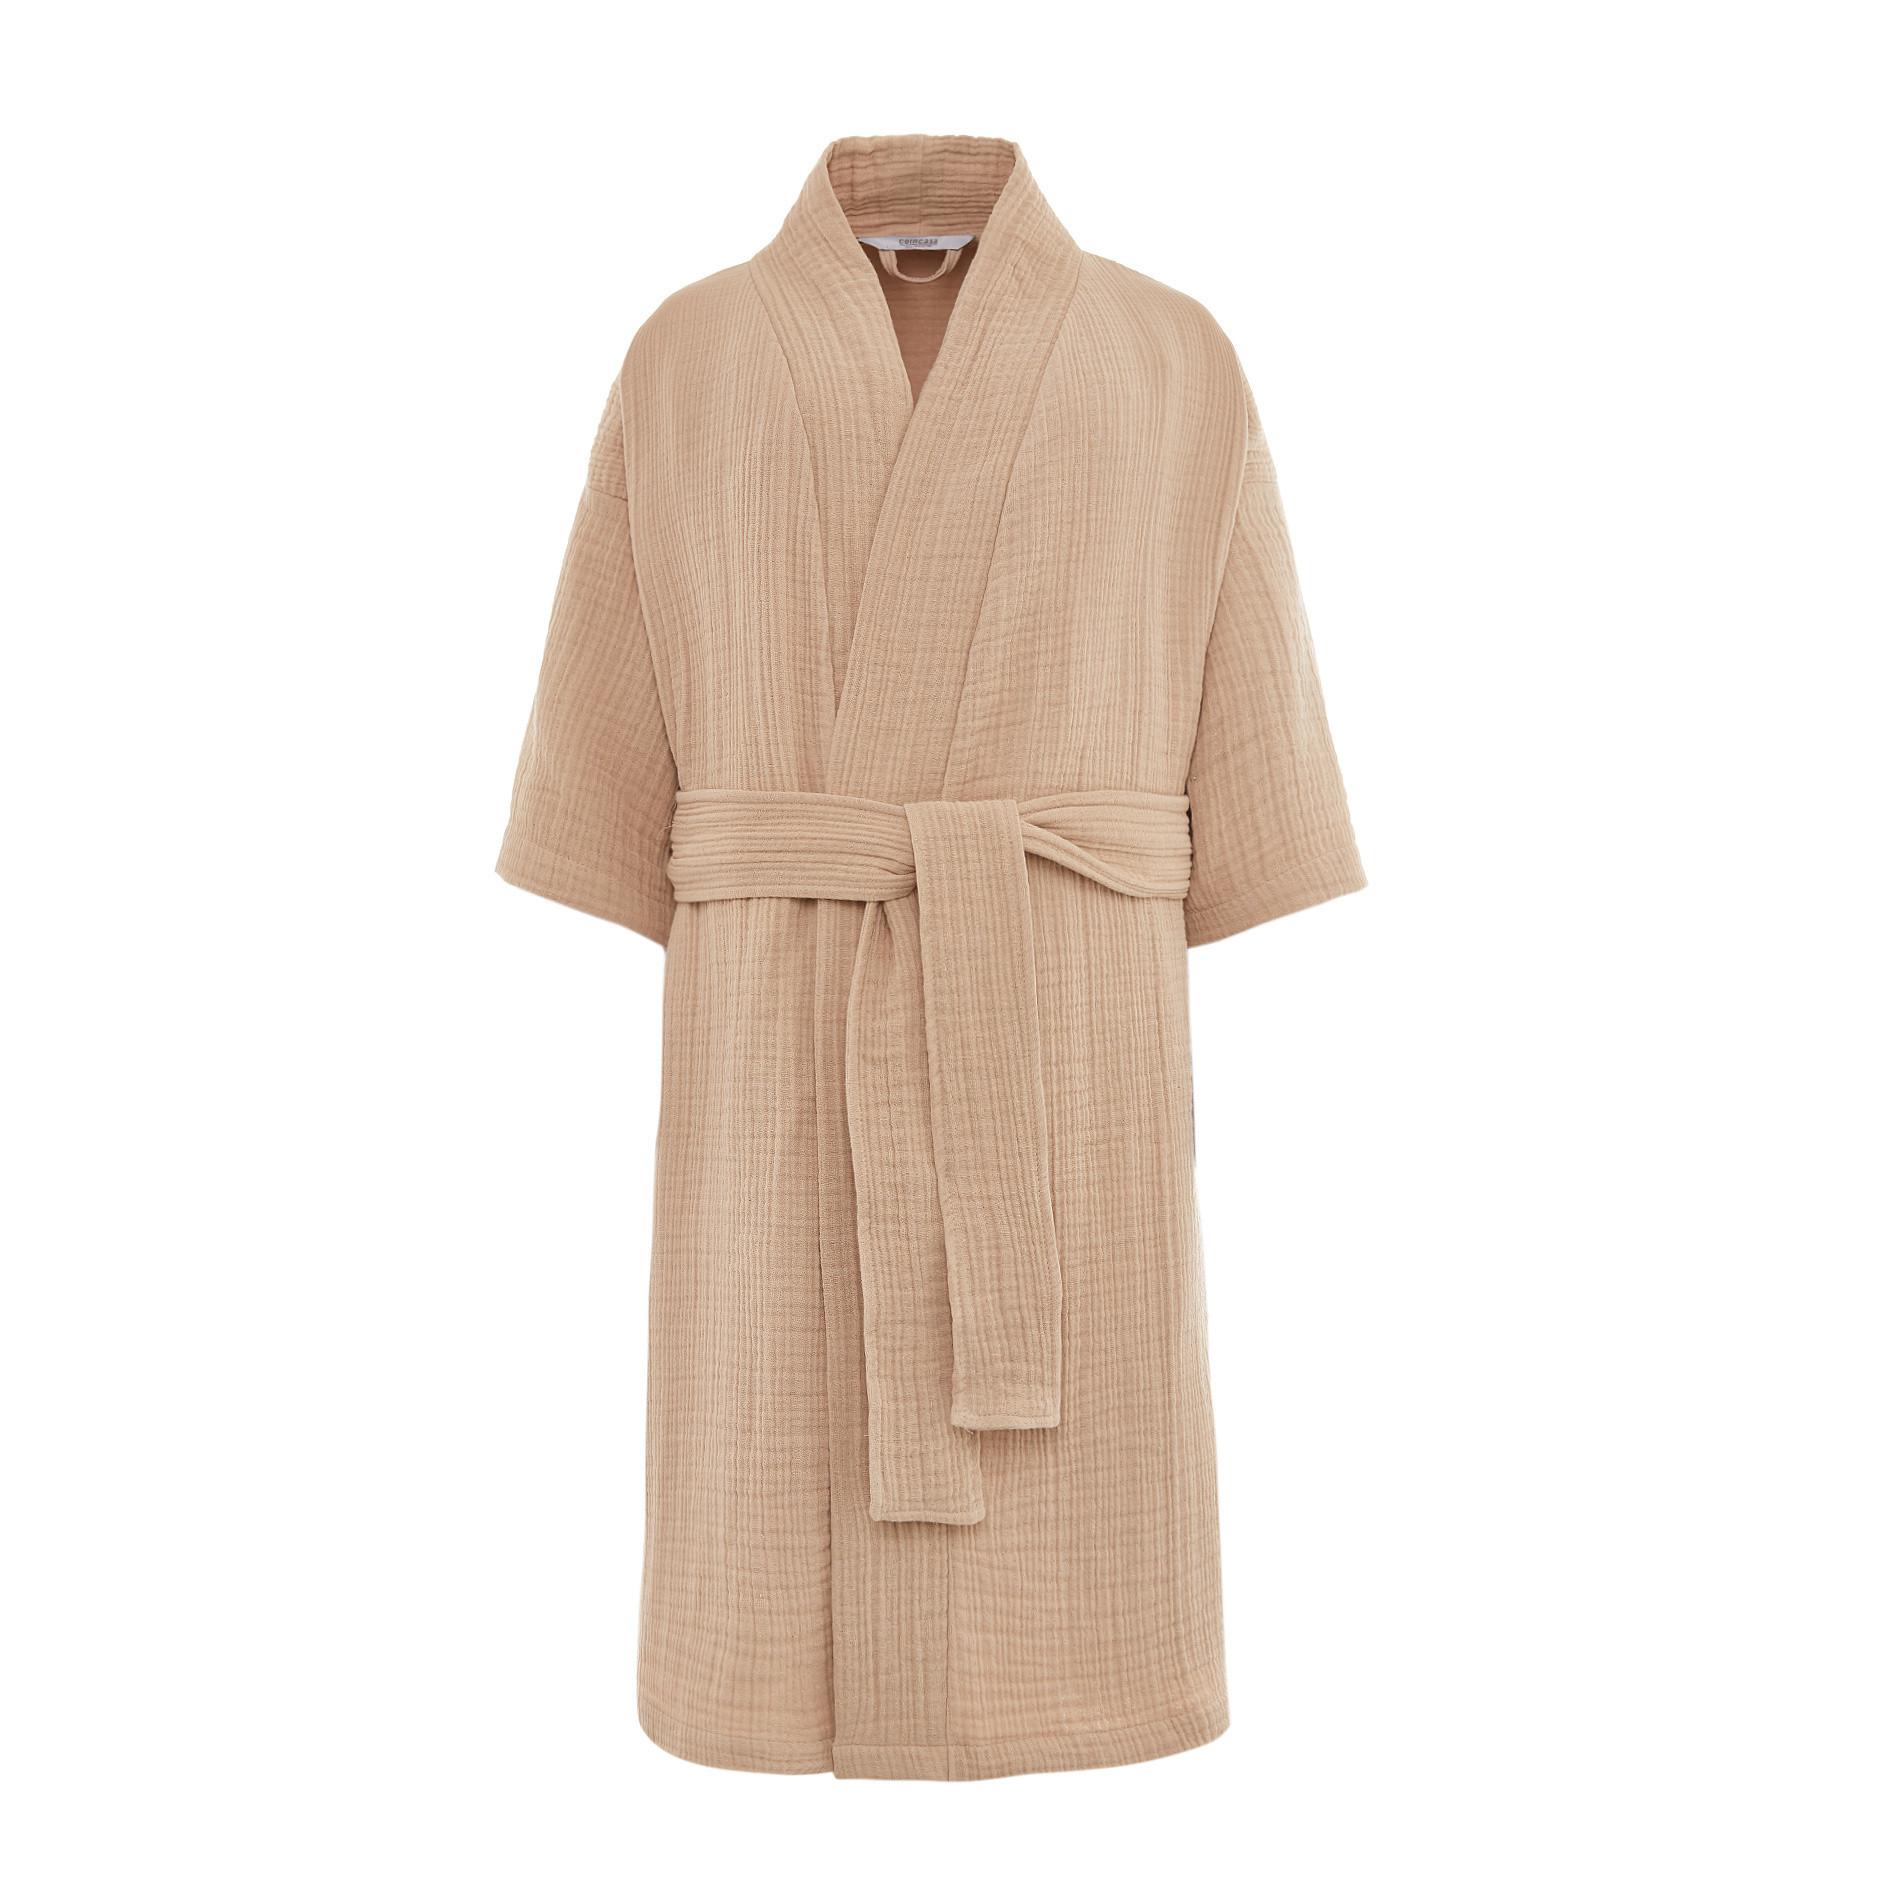 Accappatoio kimono mussola di cotone, Beige, large image number 1